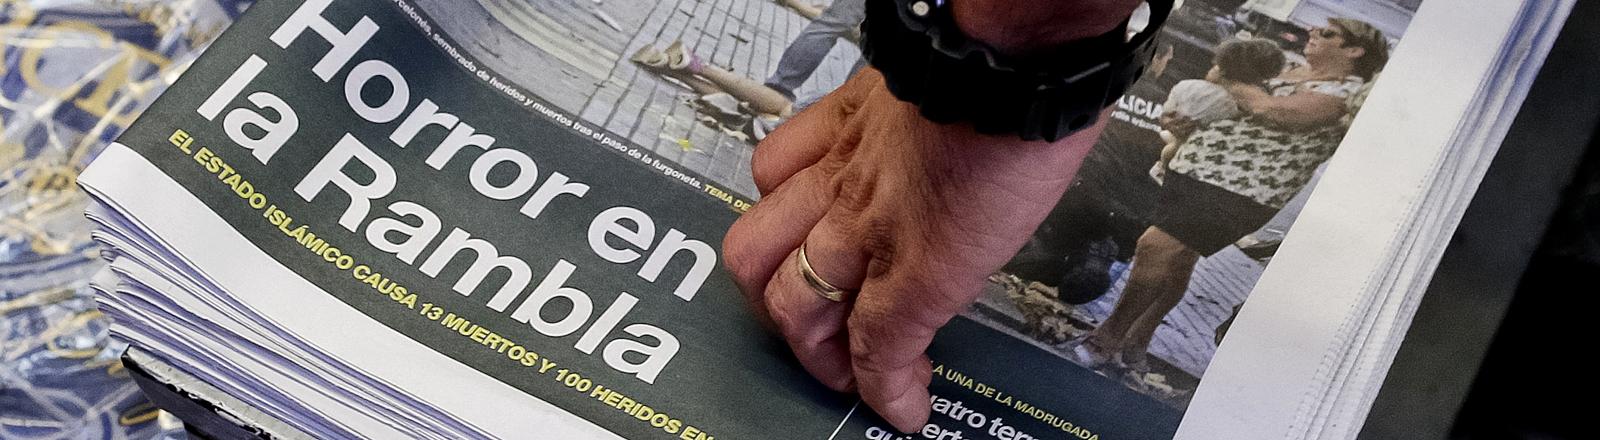 Spanische Zeitung berichtet über den Anschlag von Barcelona.